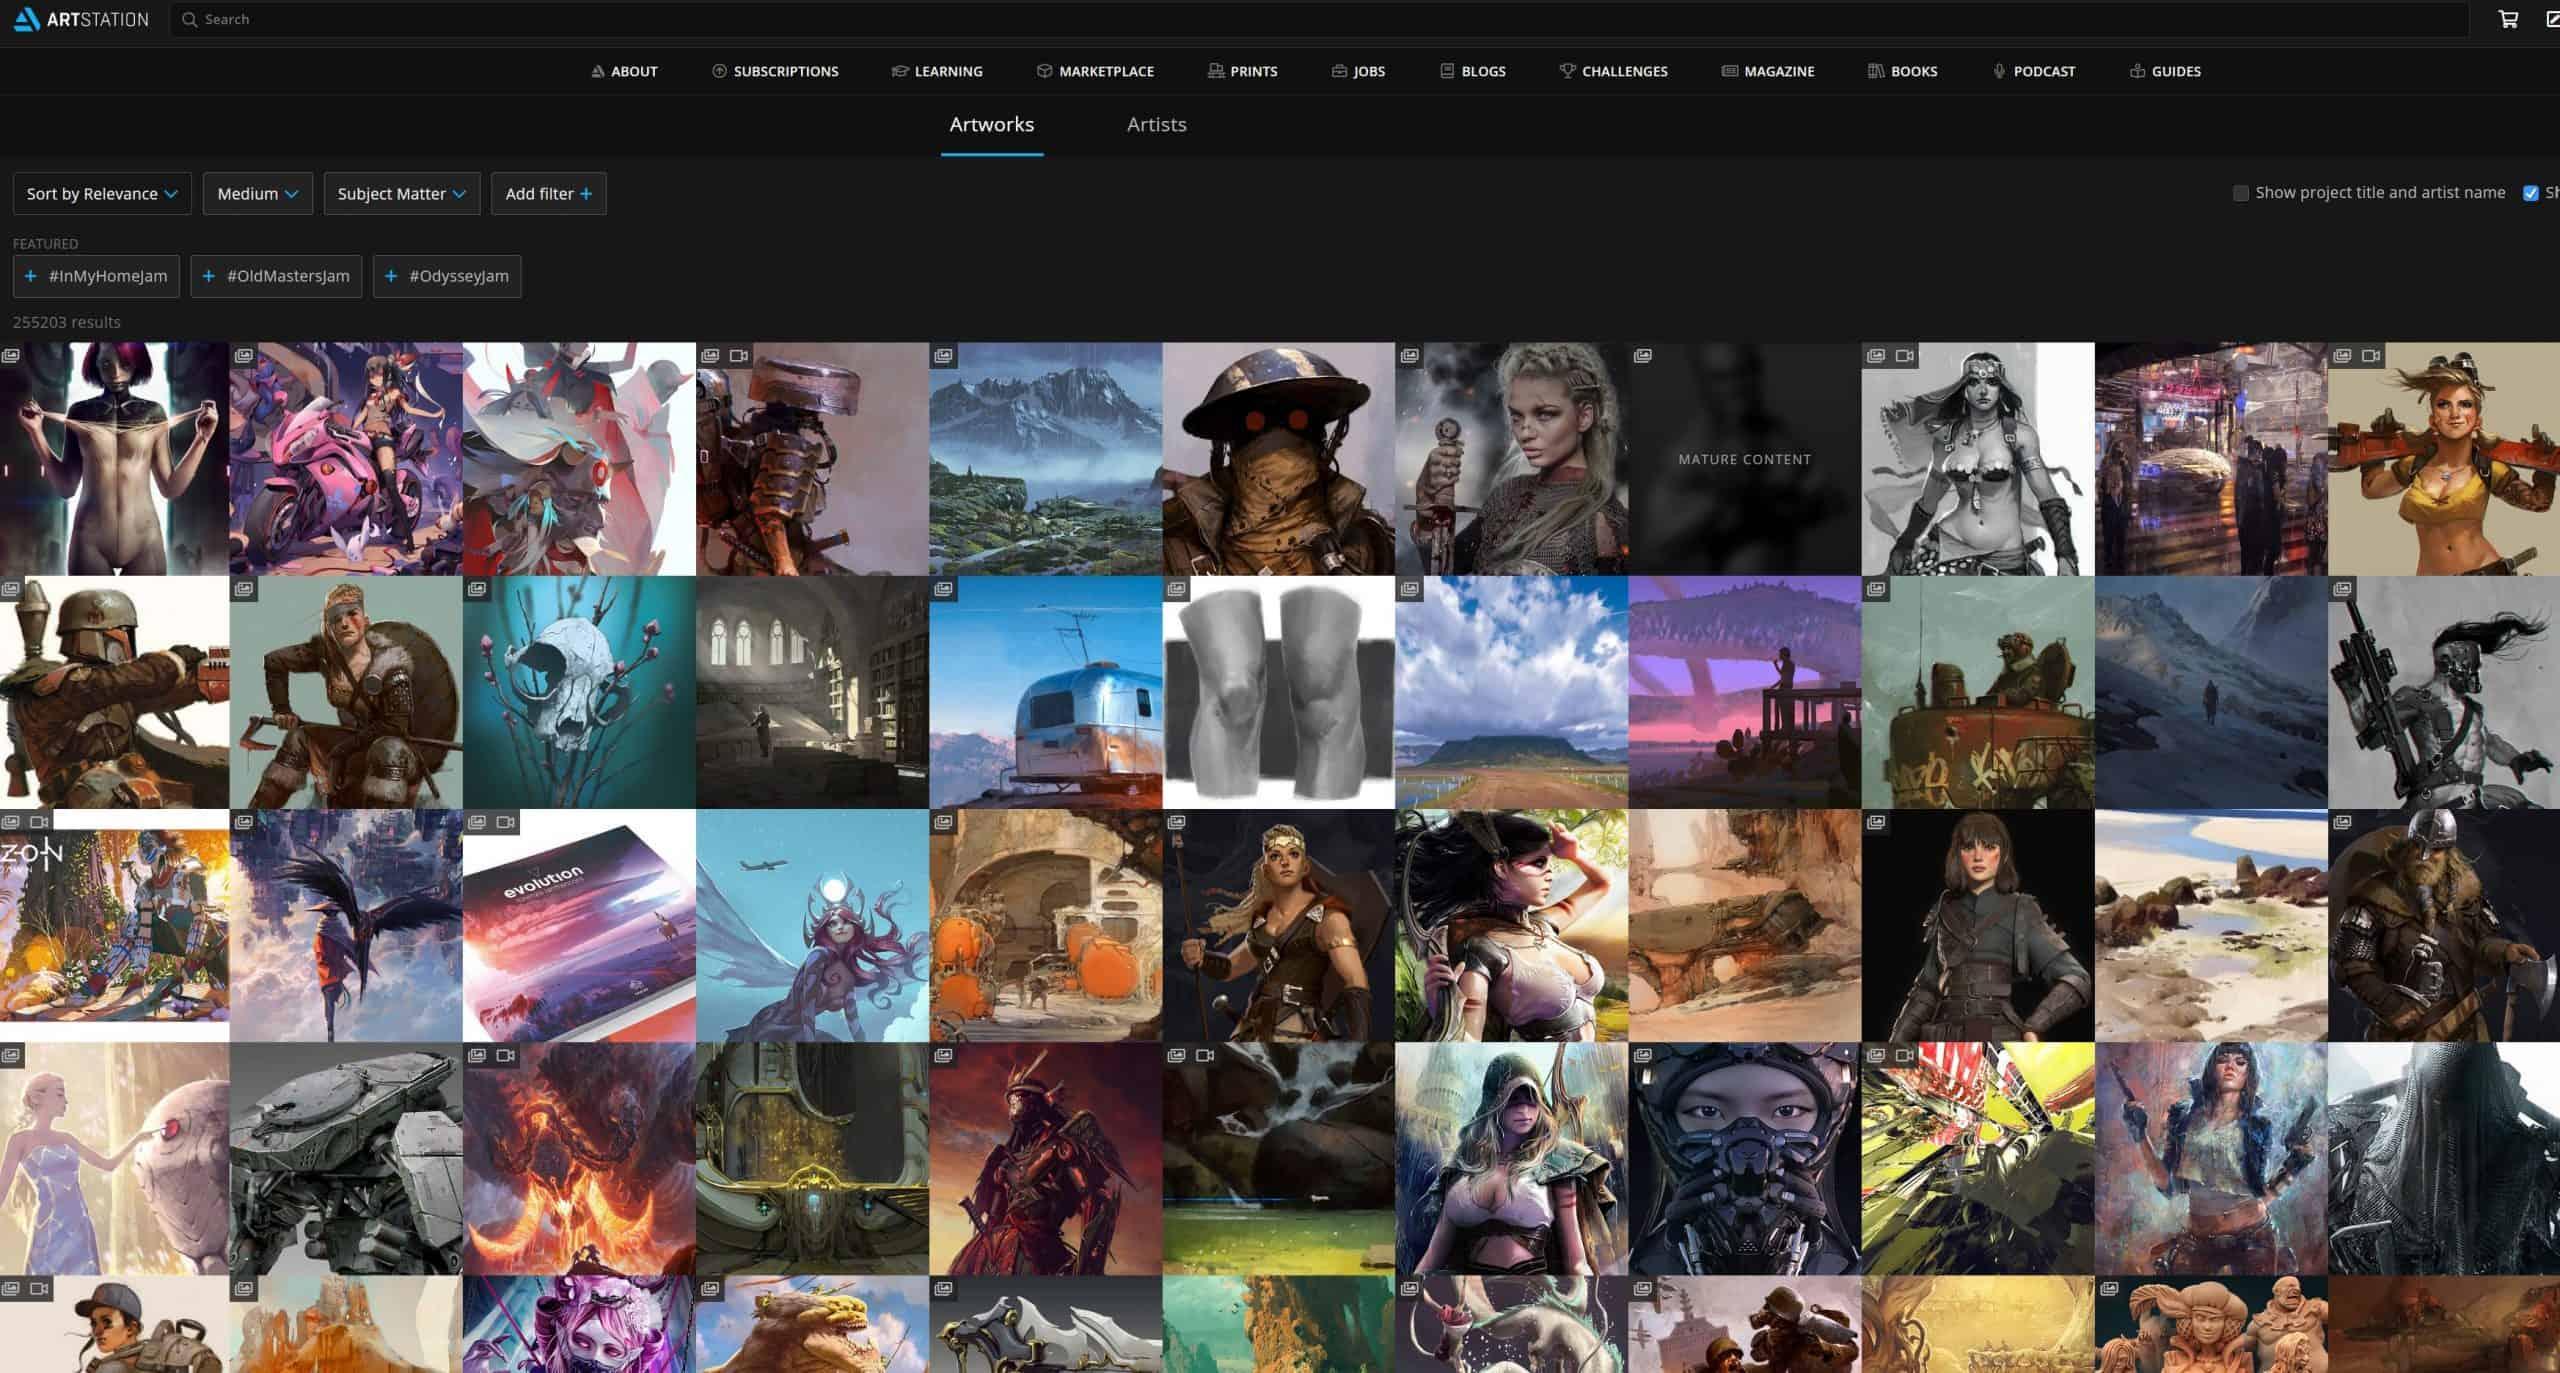 digital_art_websites_artstation